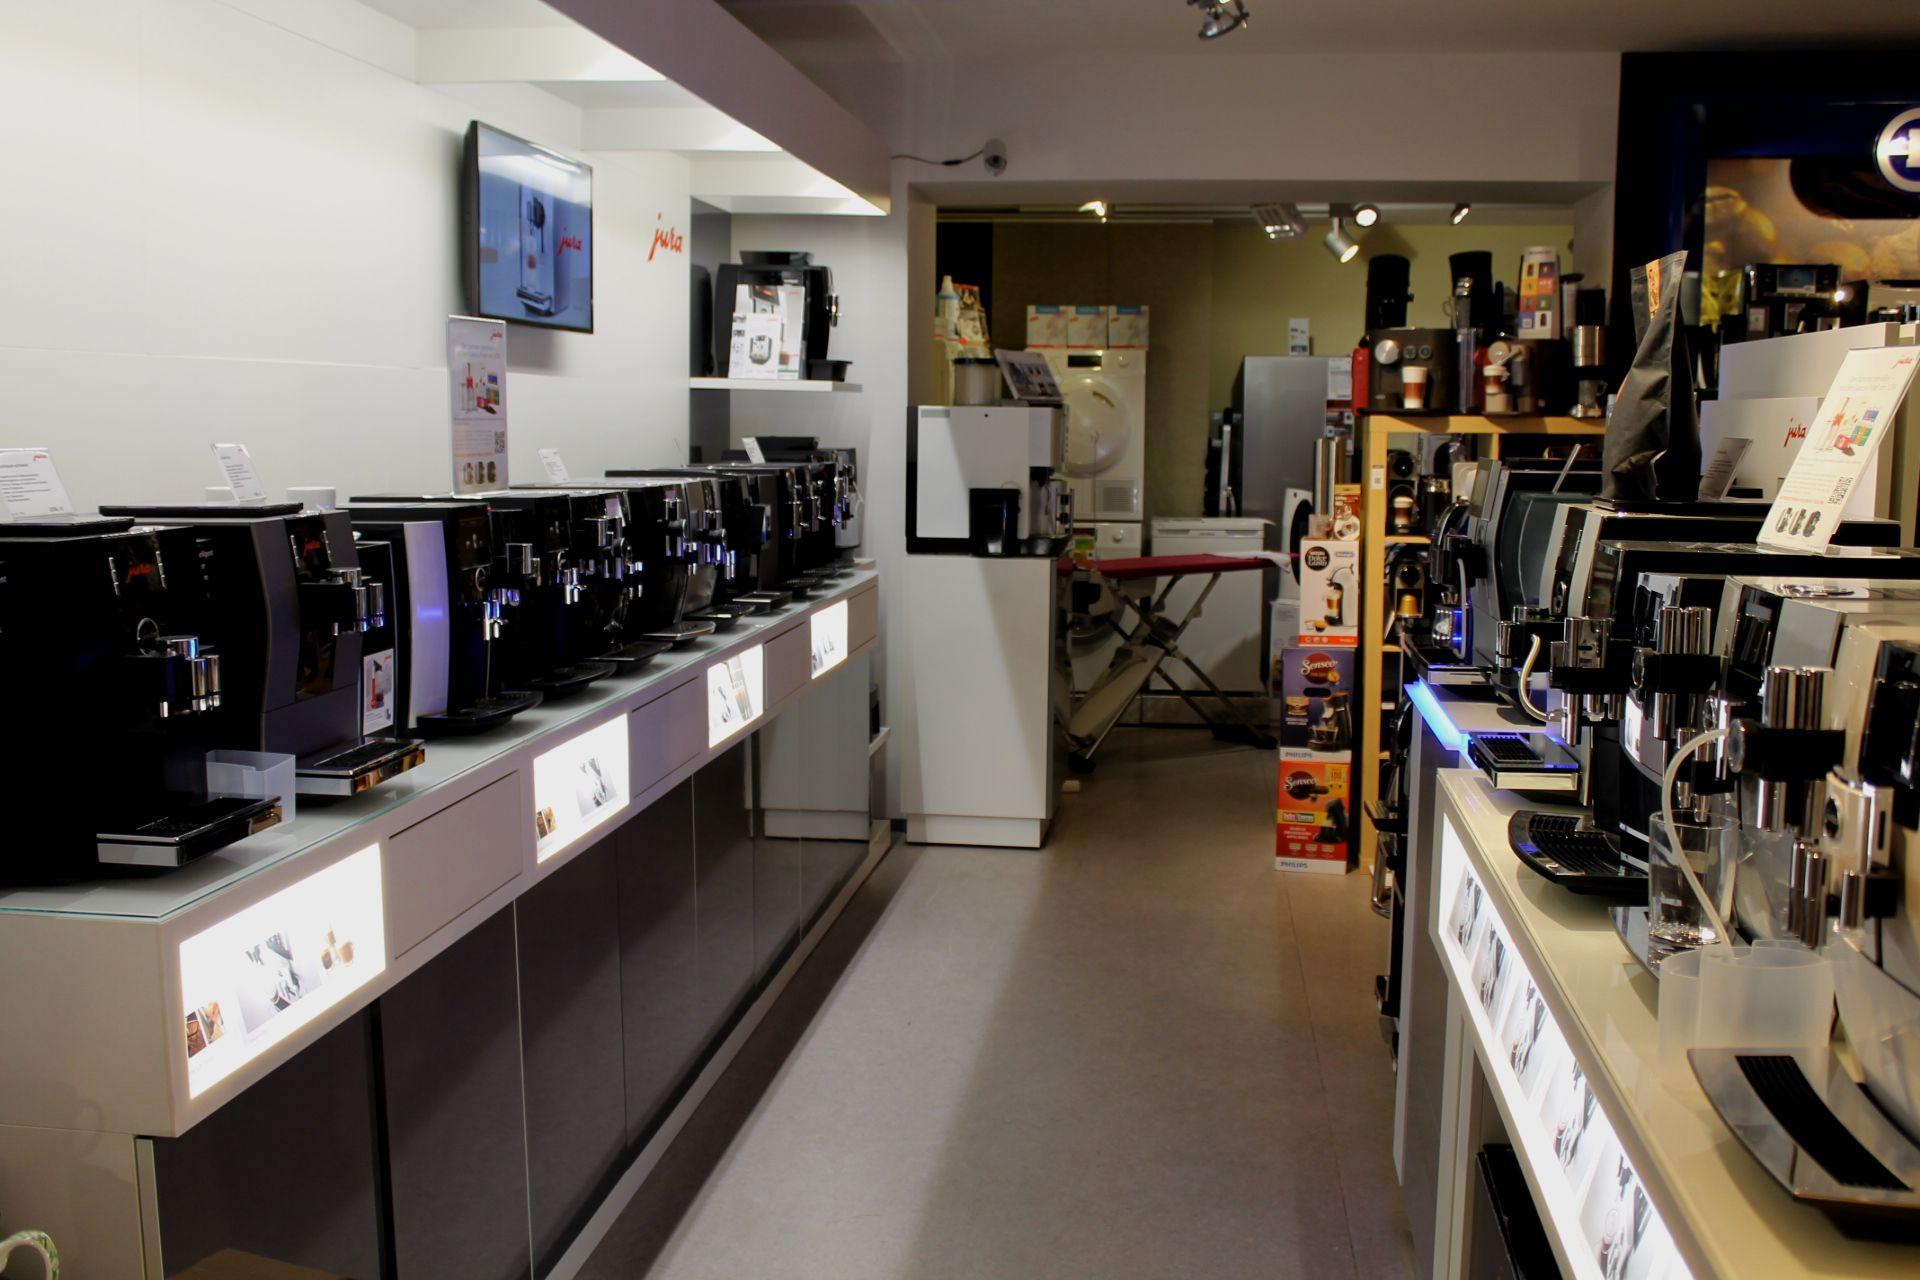 La dolce vita & World of coffee